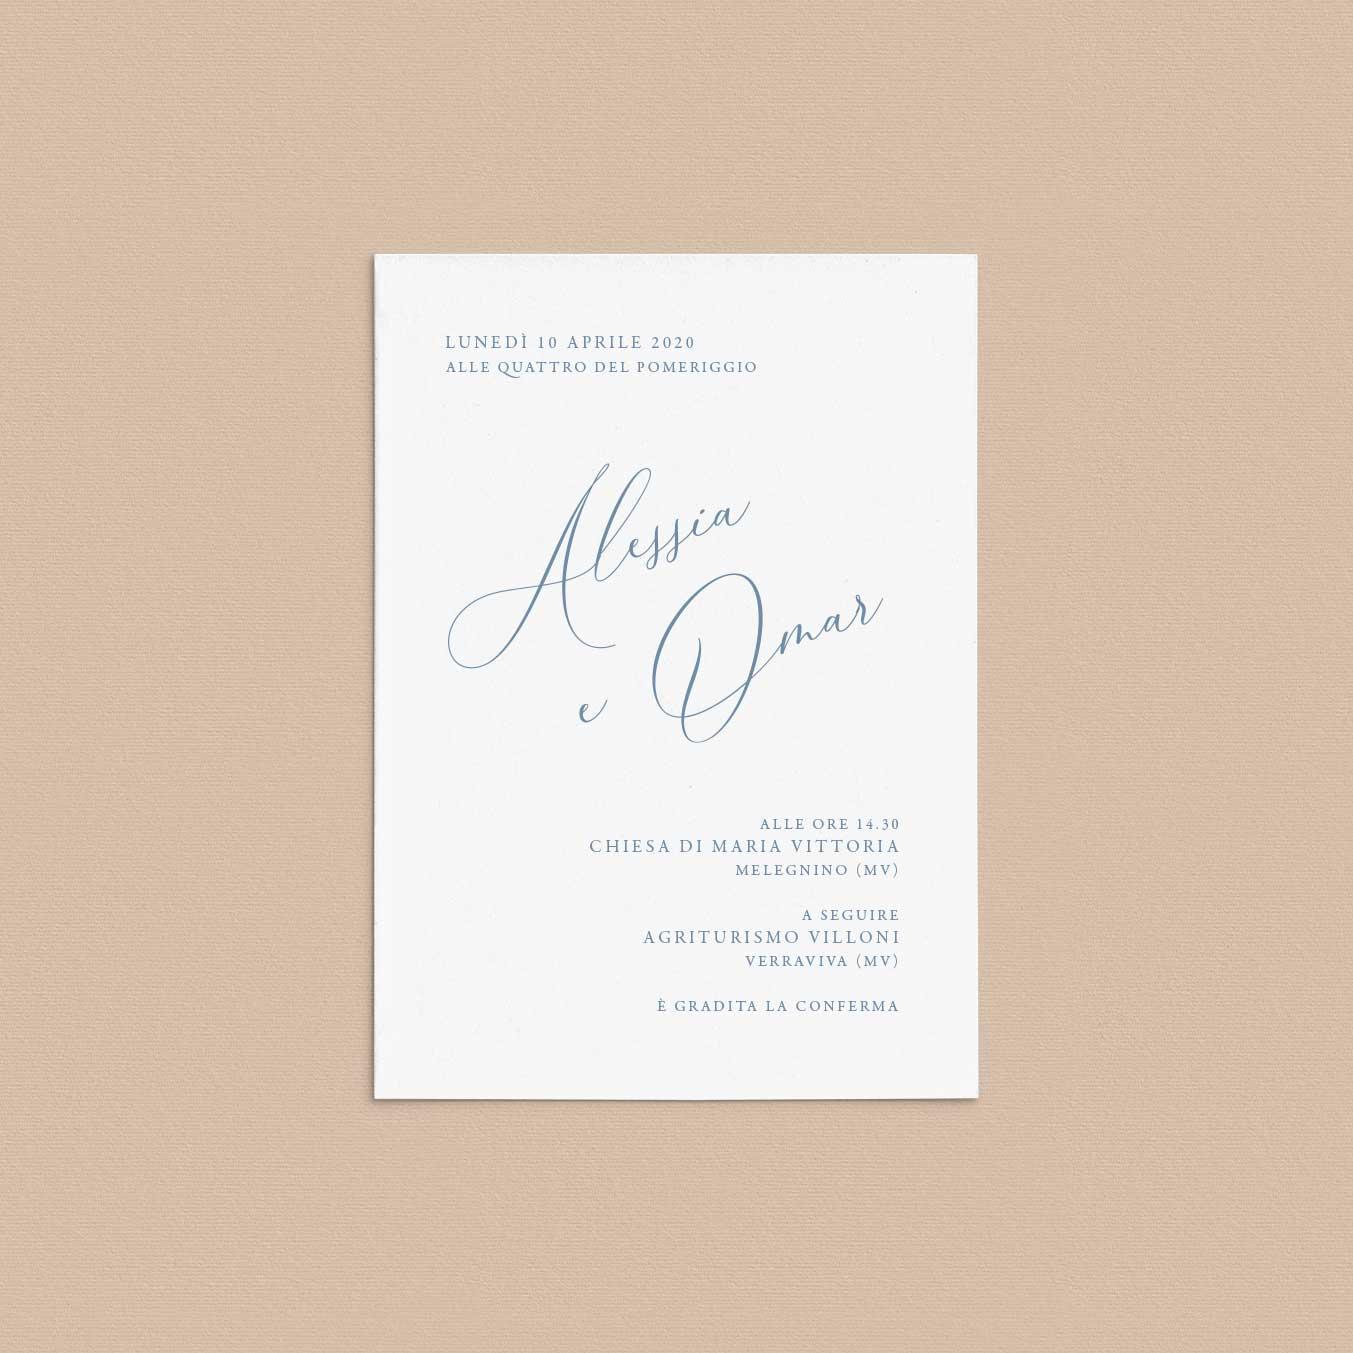 Partecipazioni-matrimonio-inviti-nozze-eleganti-elegante-raffinate-idee-fai-da-te-grafica-semplici-romantiche-online